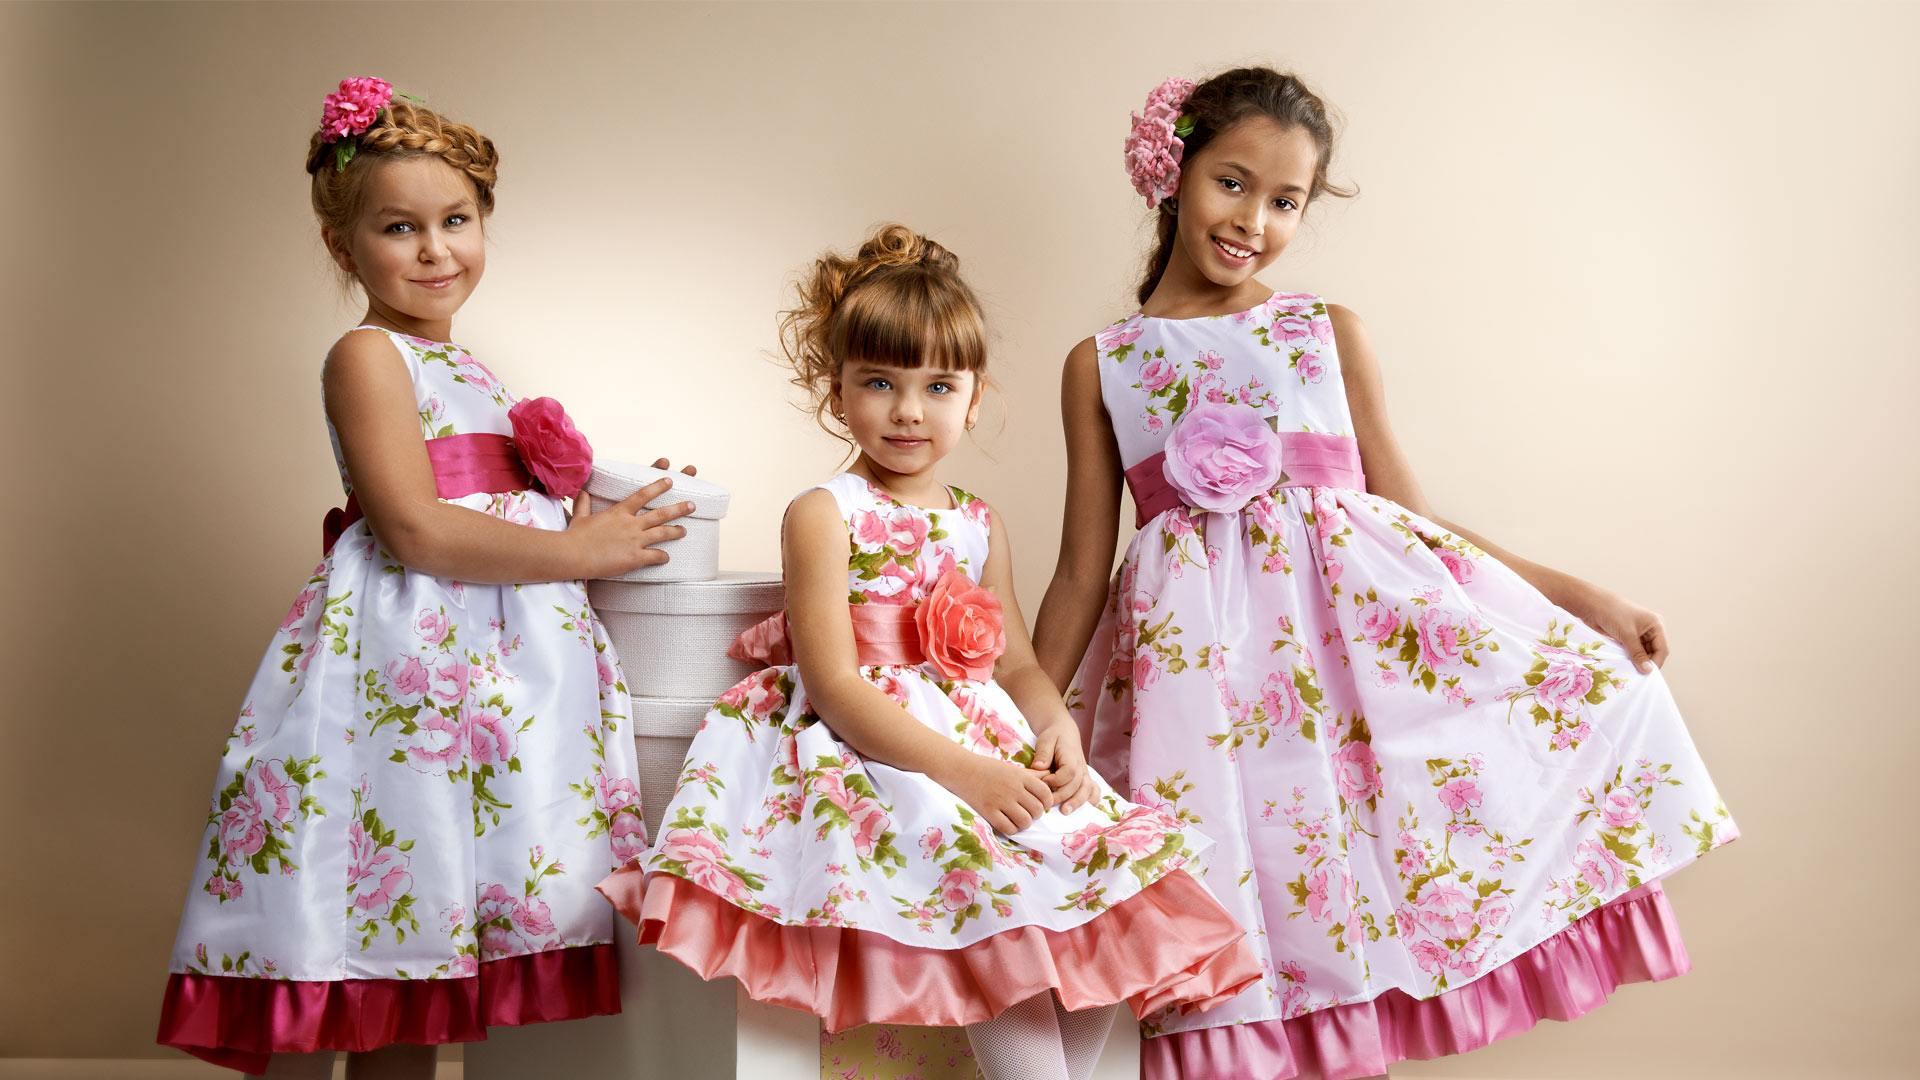 44827a192d82029 В гардеробе каждой маленькой модницы найдется нарядное платье для особых  случаев. Это обязательно нежное воздушное кружевное платье, в котором  ребенок ...